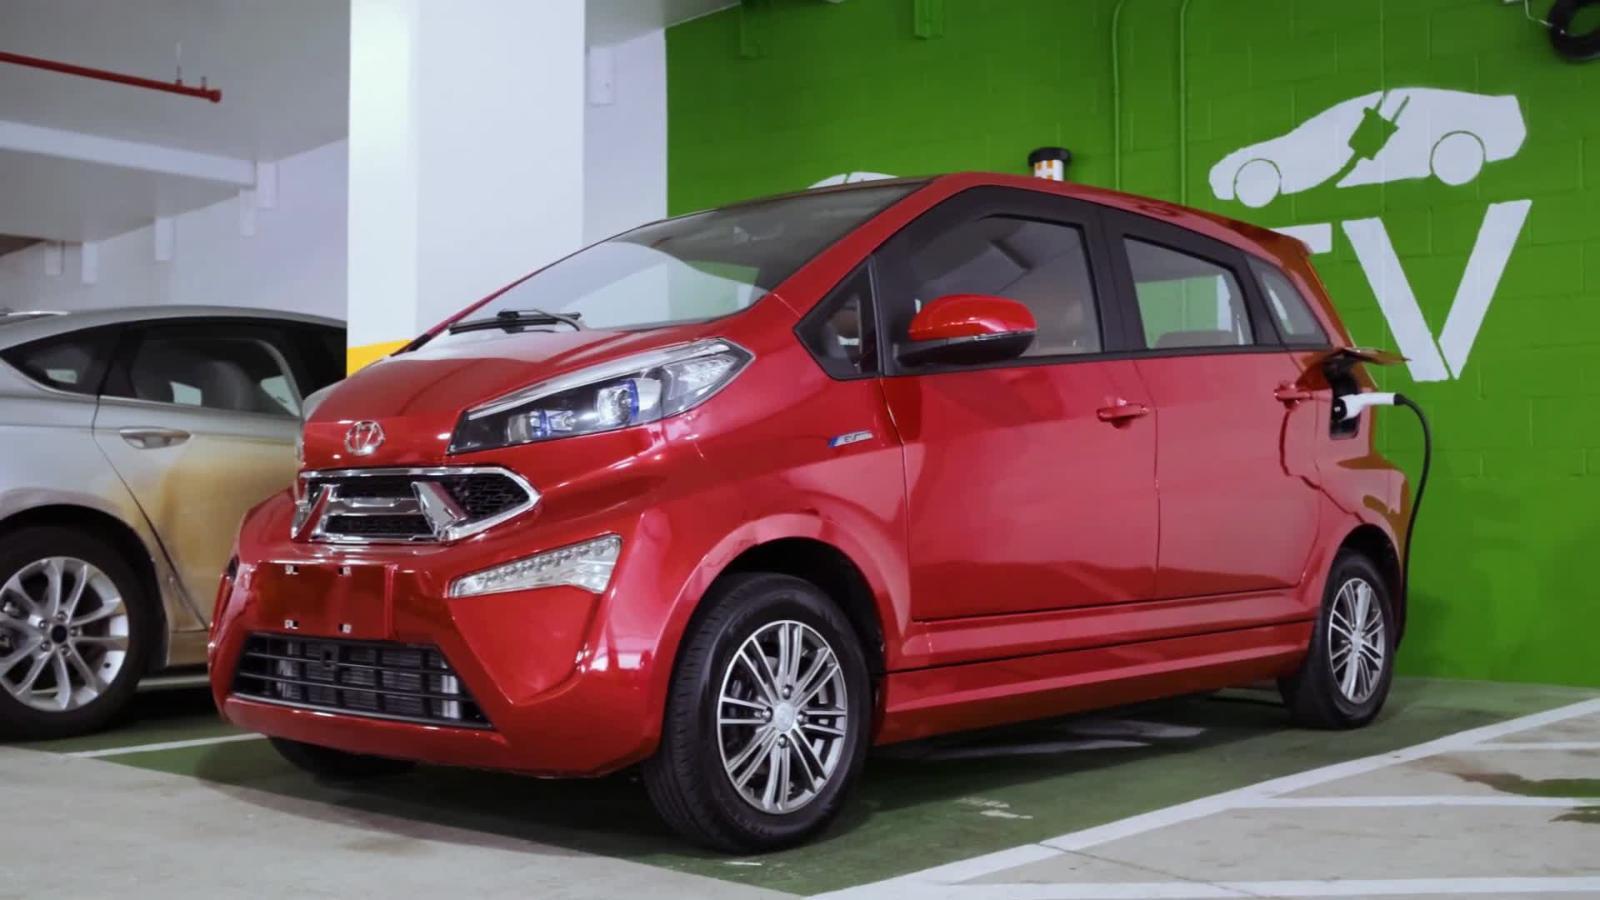 """Kandi, una compañía china, presenta el """"auto más barato en los Estados Unidos"""" – CNN"""